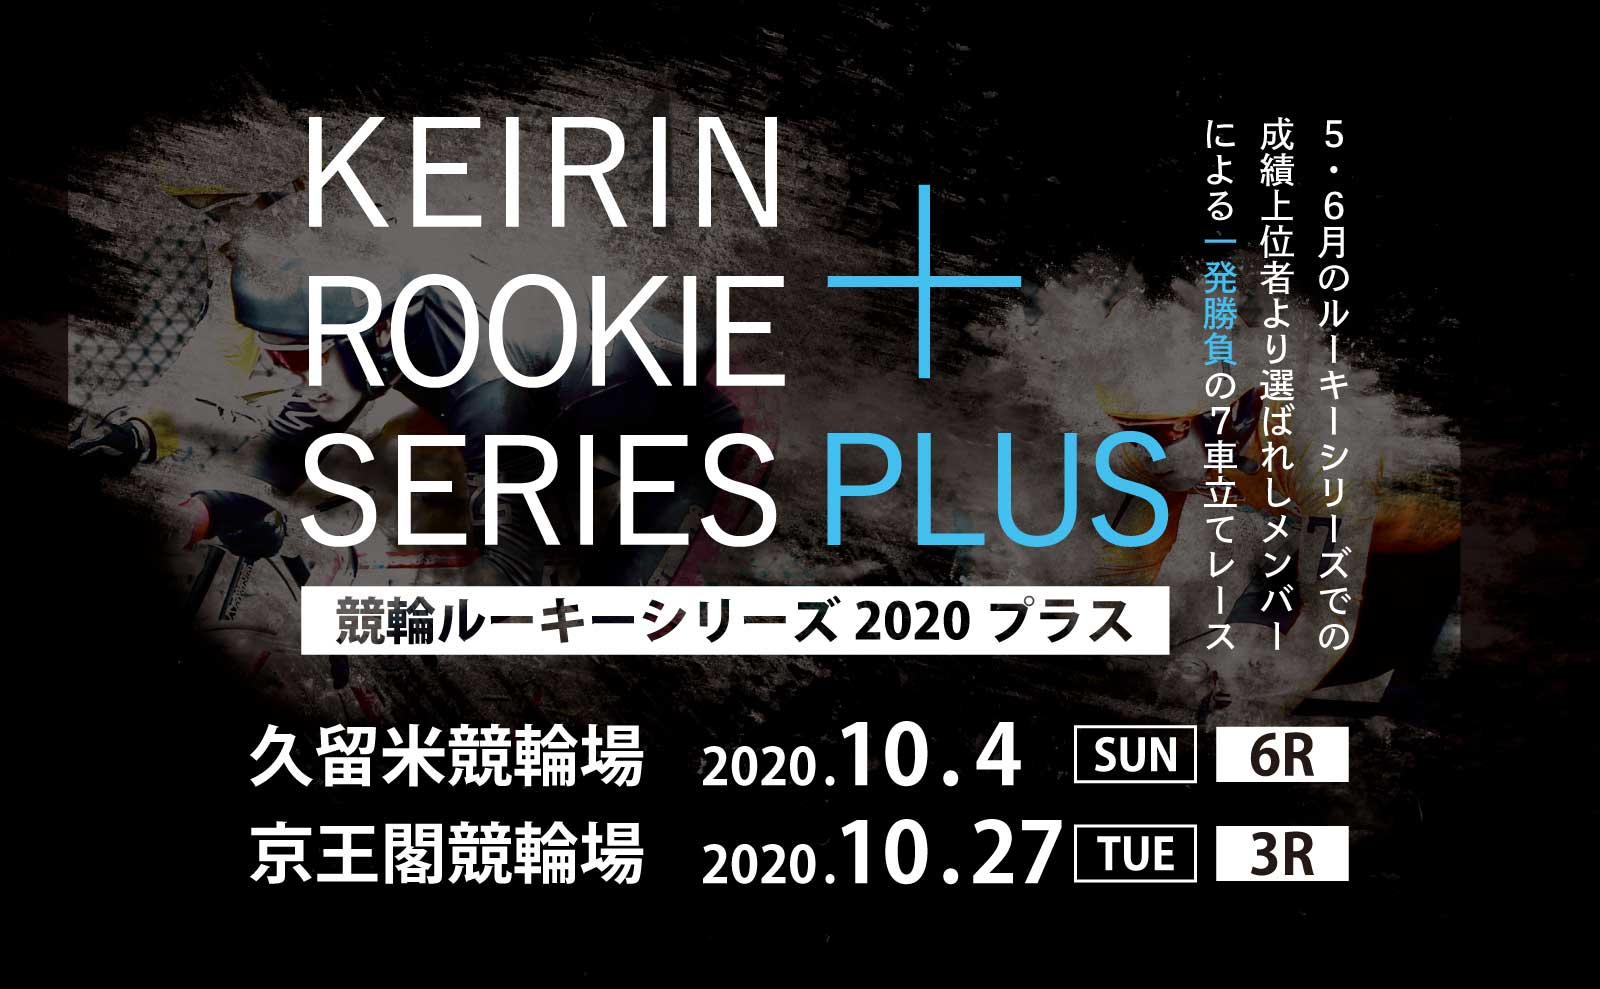 熊本競輪 10/4 ルーキーシリーズ2020プラス 注目選手